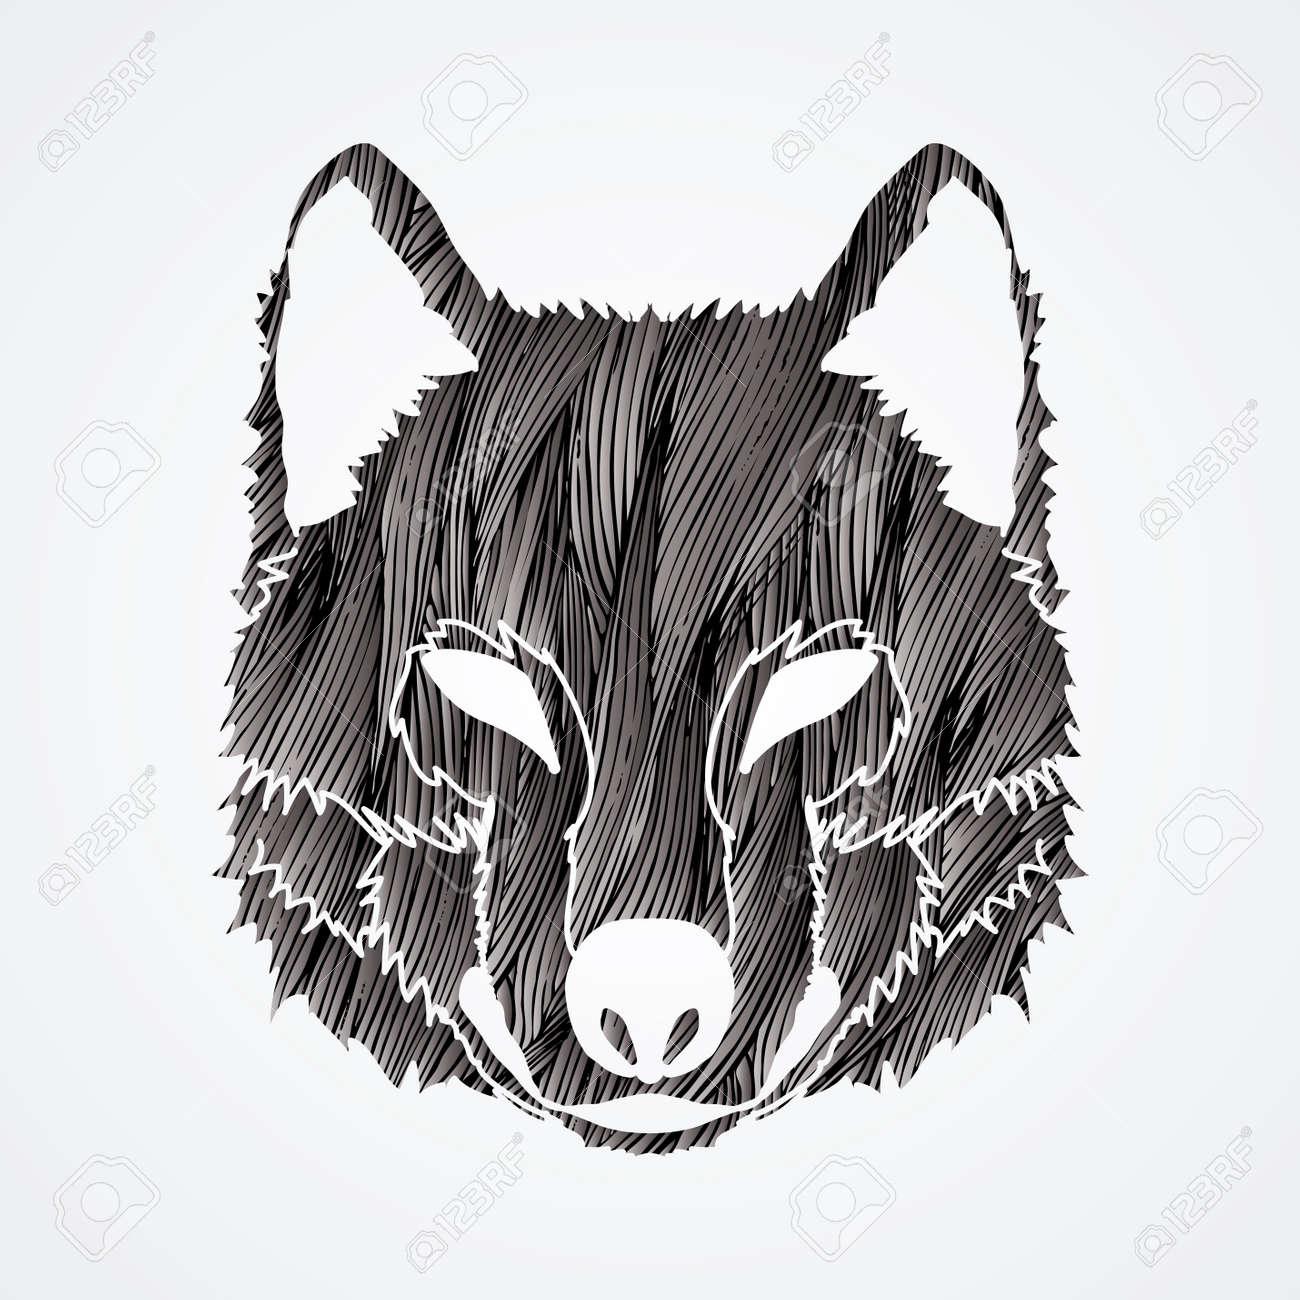 オオカミの顔正面図黒グランジ ブラシ グラフィック ベクトルを使用して設計されています